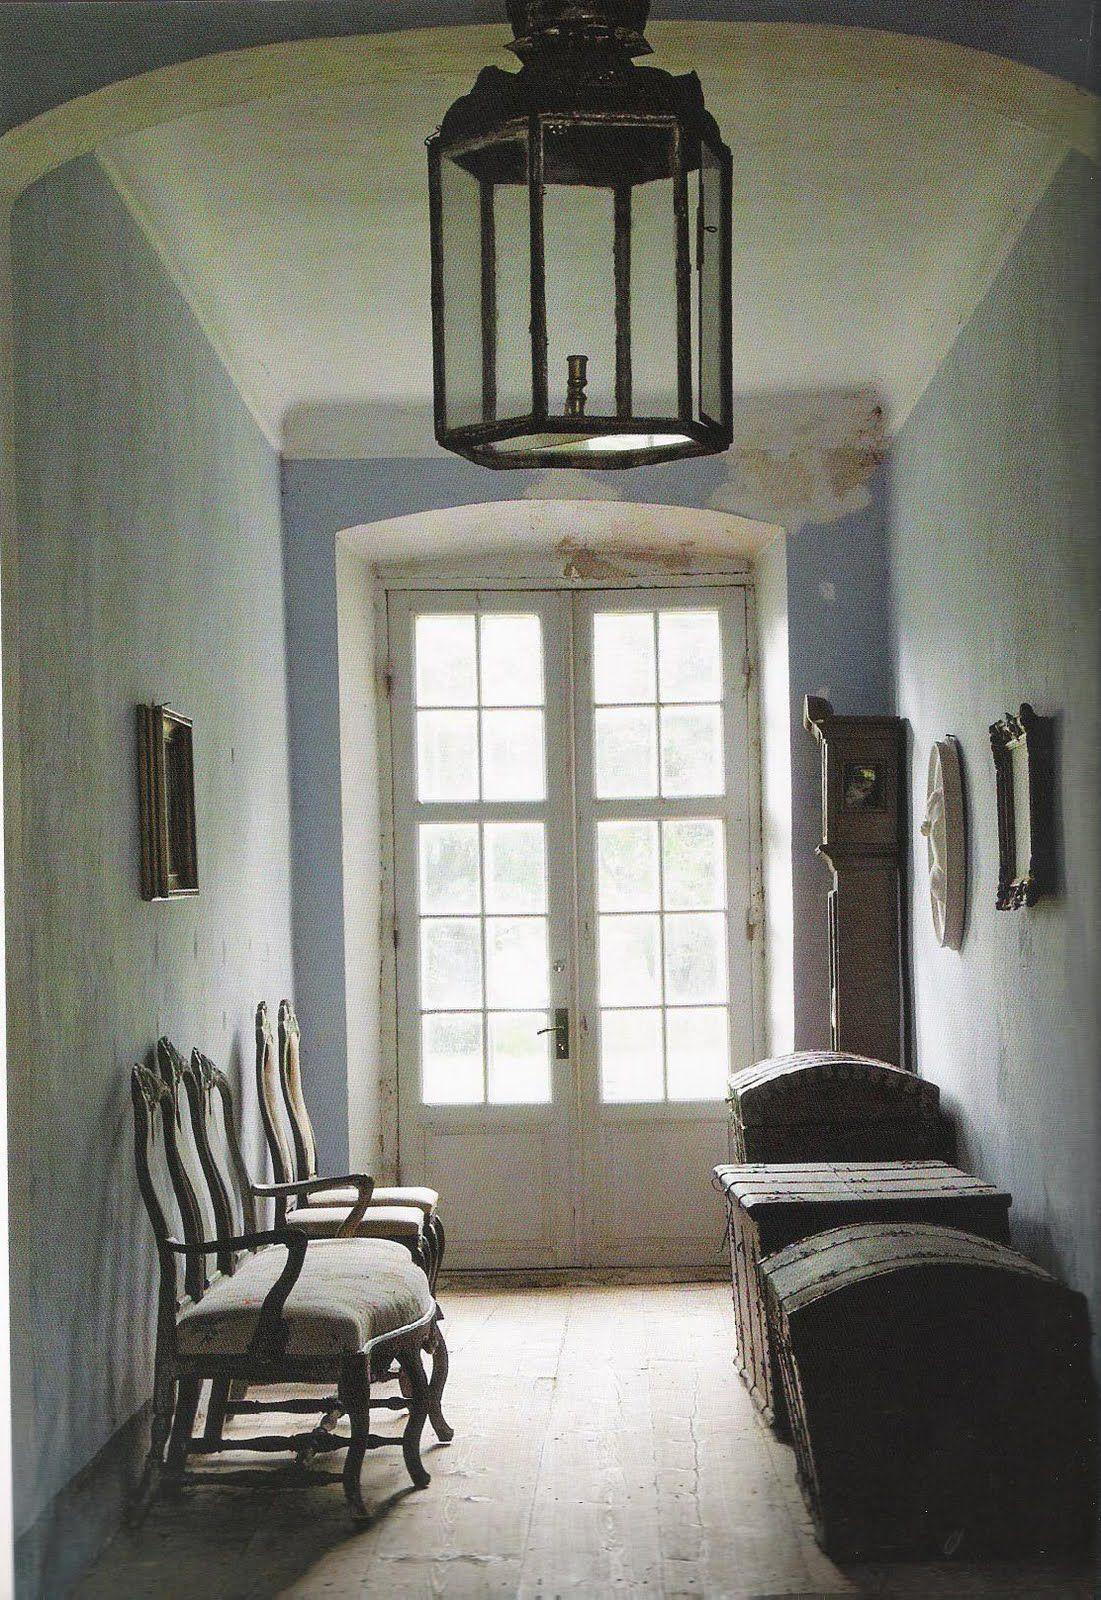 Swedish Interiors gustavian interiors | swedish interiors gustavian decorating